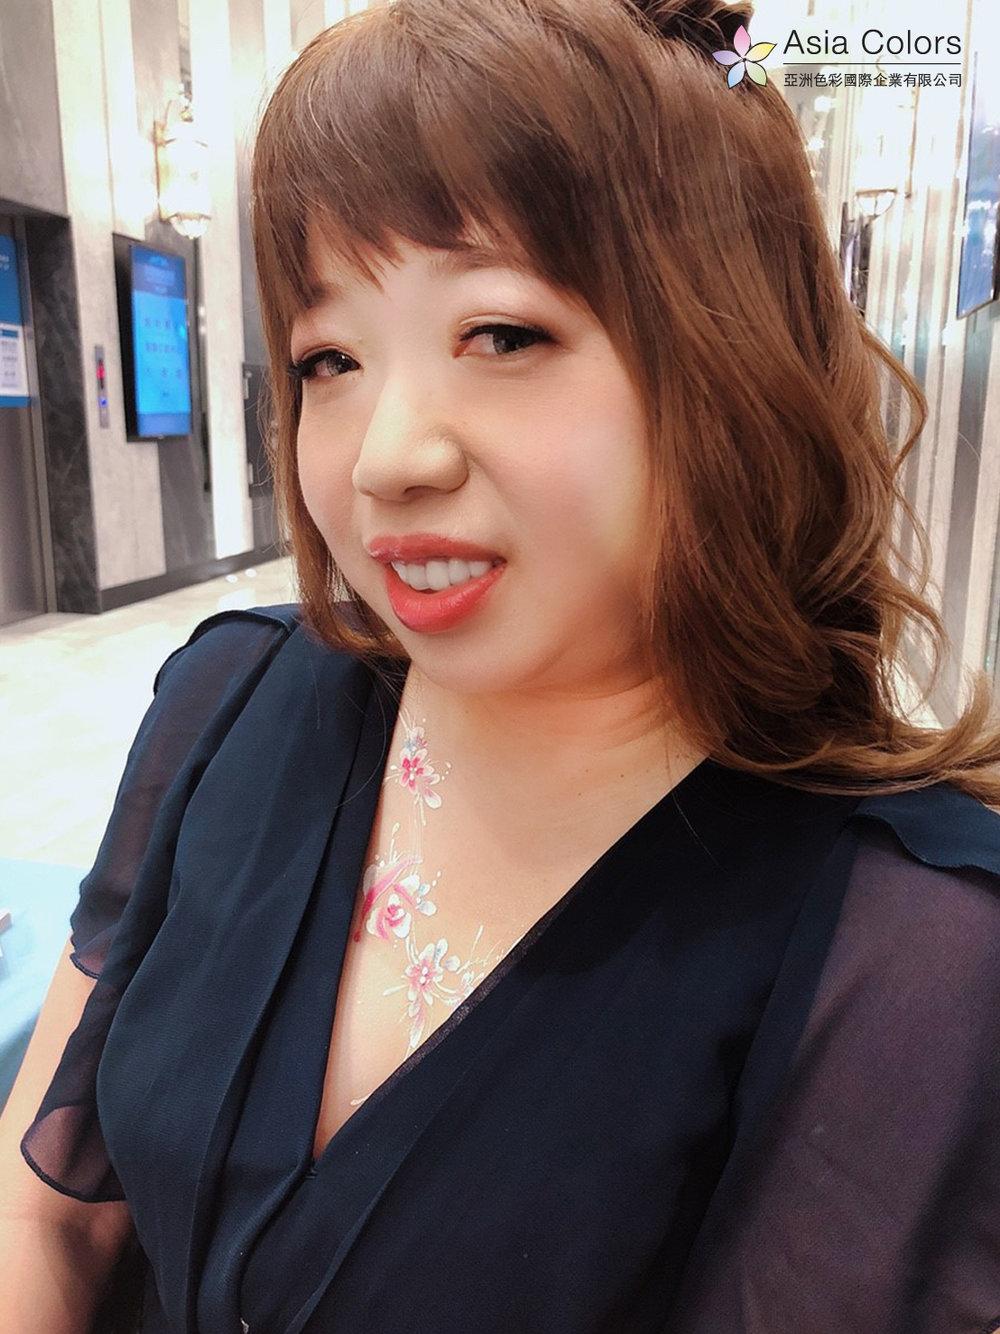 2019.01.19 好好笑 尖點尾牙_190313_0021.jpg